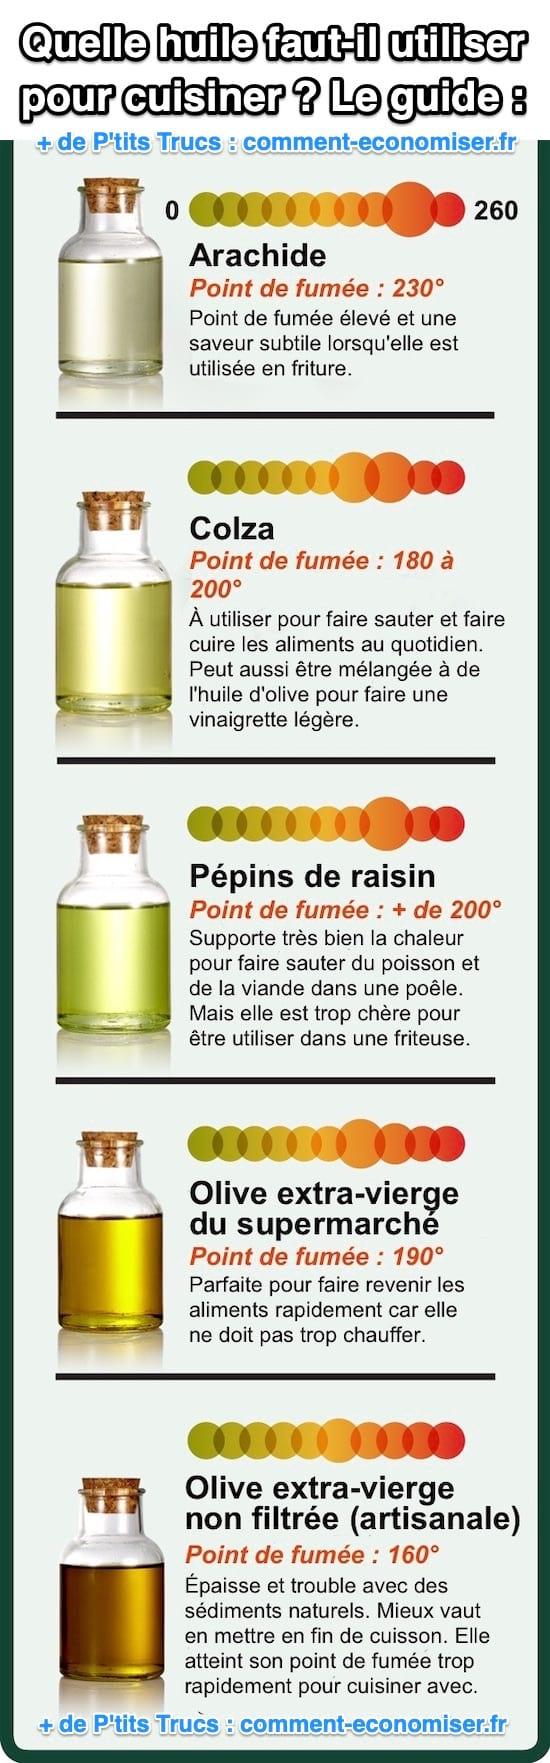 Le guide pour savoir quelle huile utiliser pour cuisiner